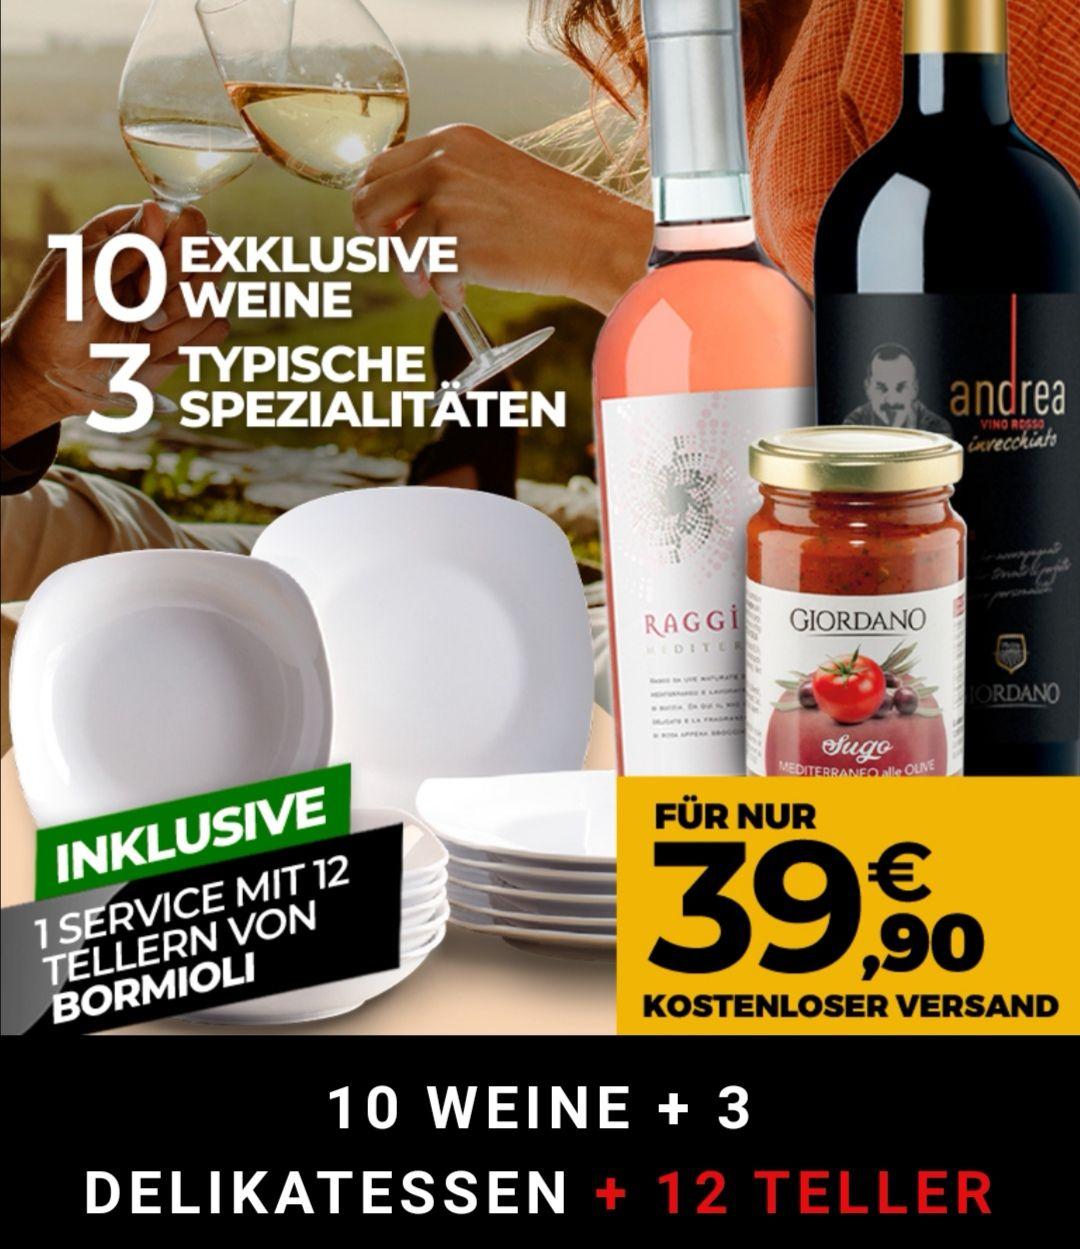 10 Flaschen Wein + 12 Teller + 2x Nudeln + Olivensauce [39,90€ - 7€ Shoop]